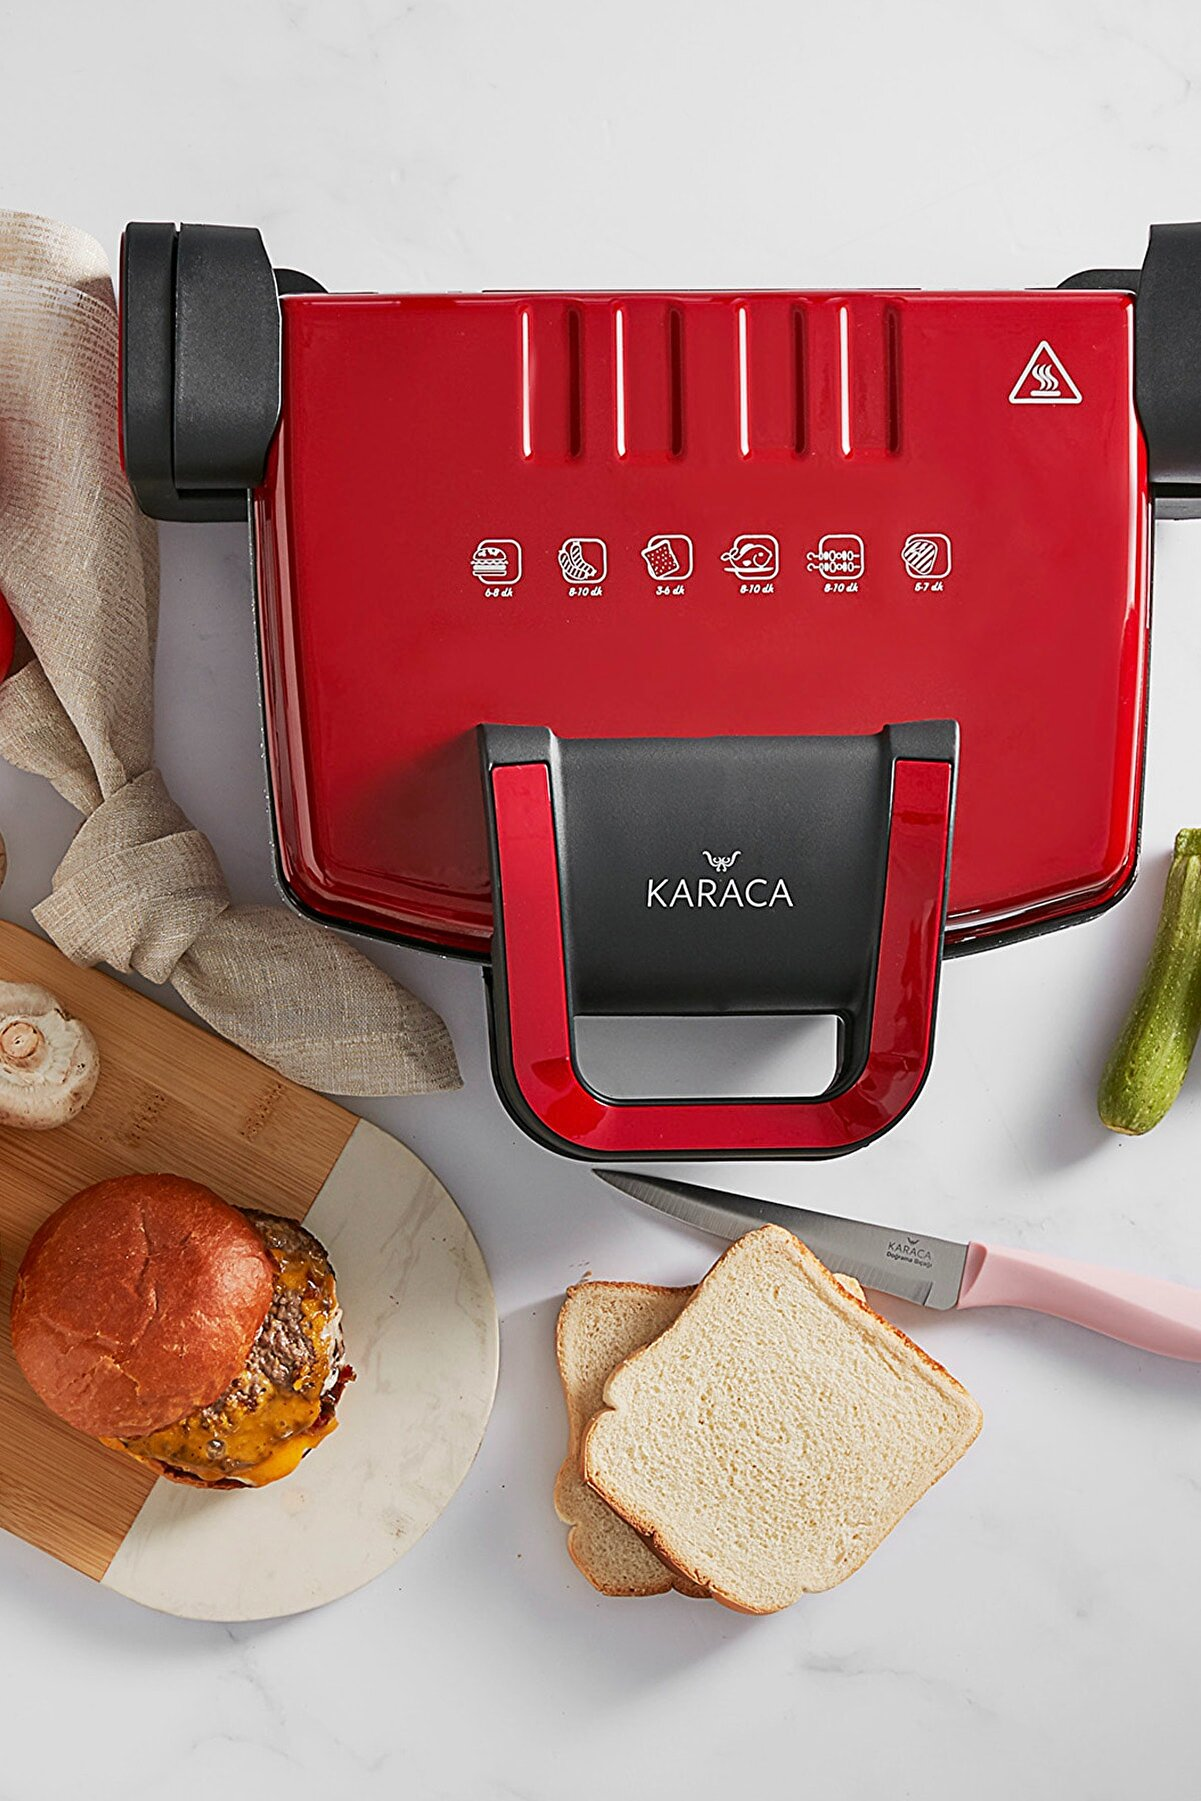 Karaca Future Granit Kırmızı Tost Makinesi 1800W